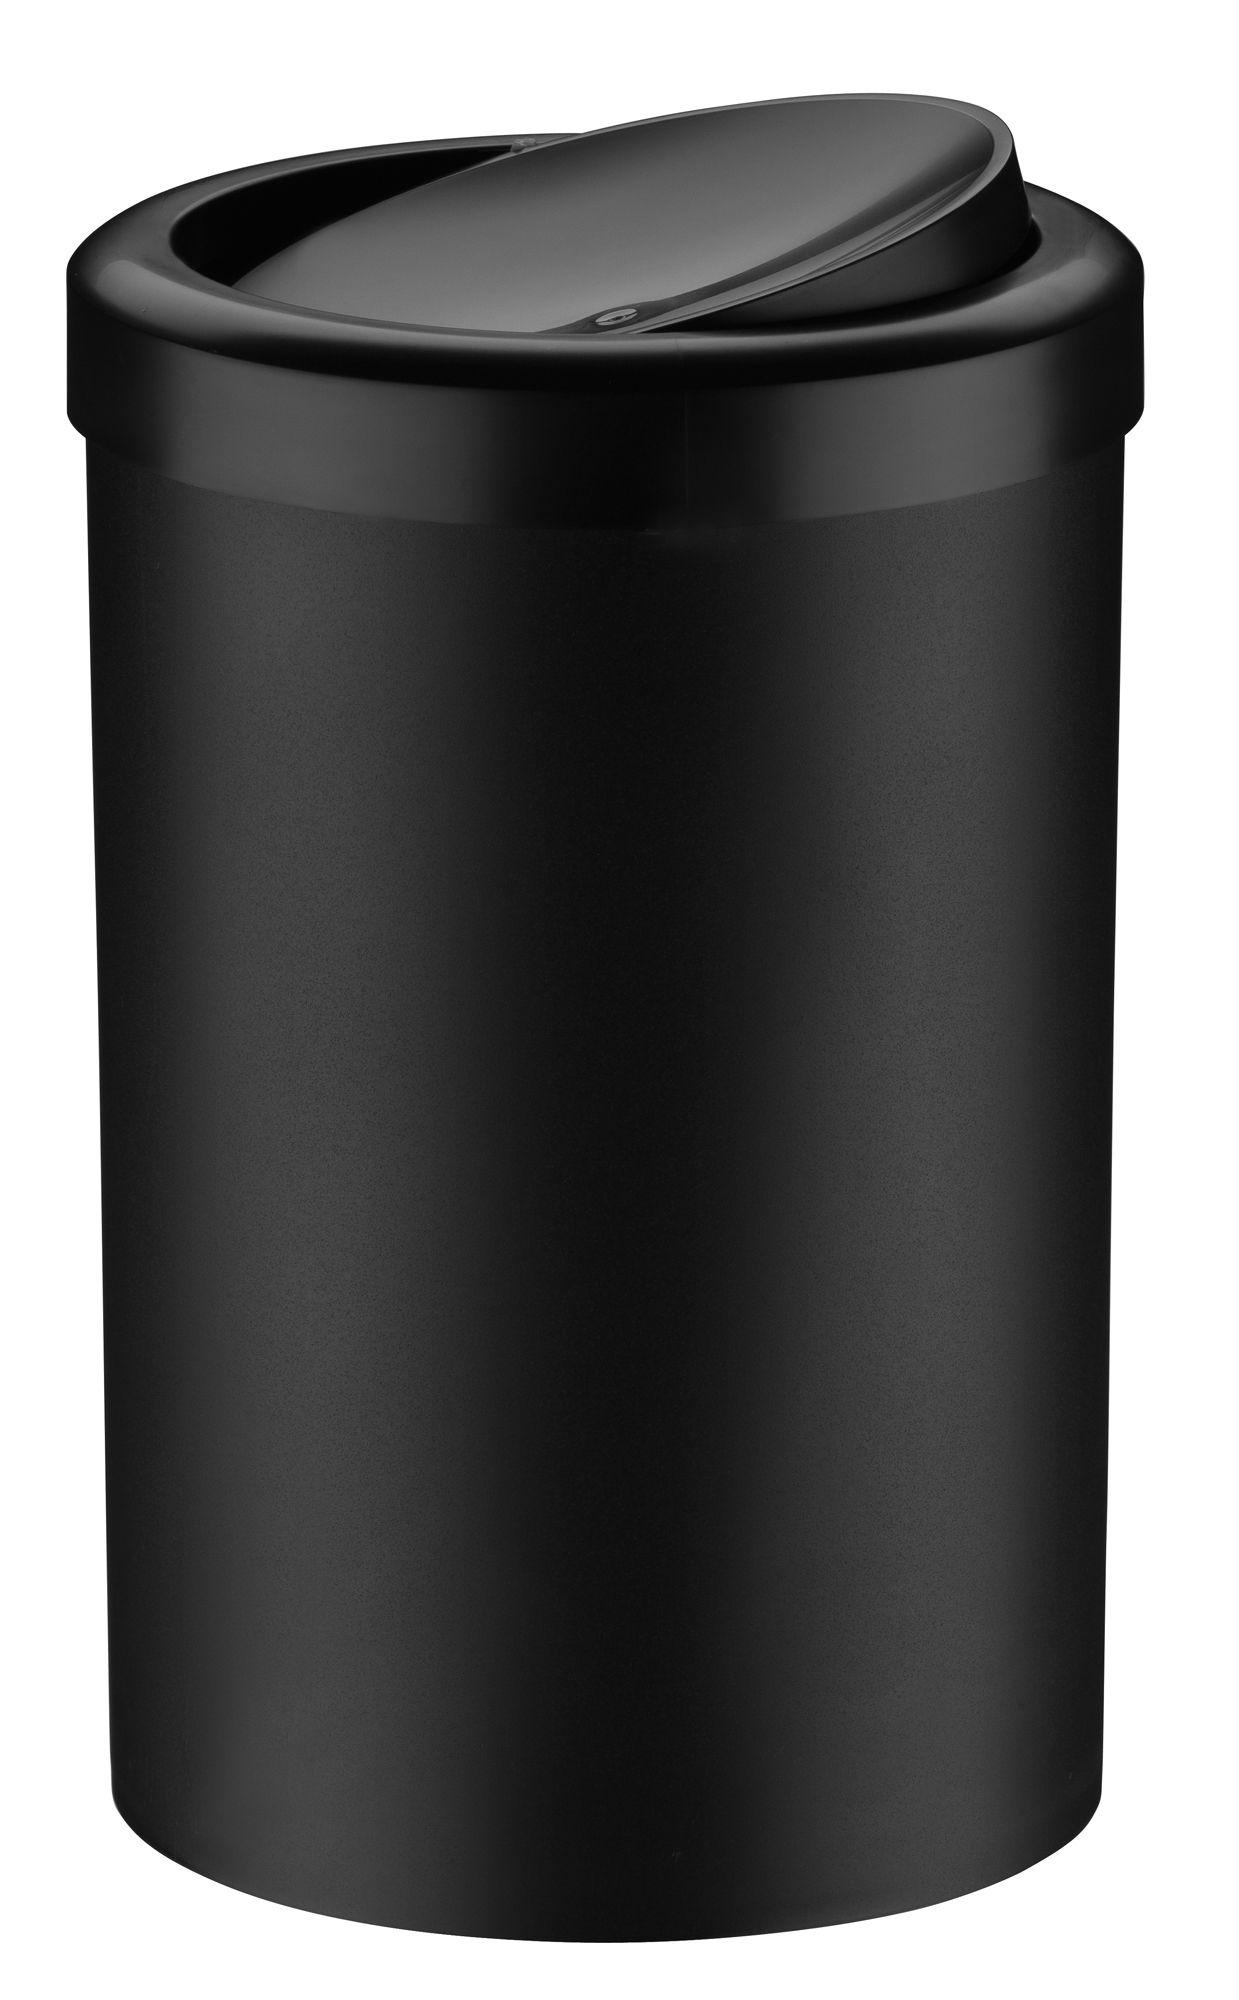 Lixeira c/ Tampa Basculante 8 litros Preta